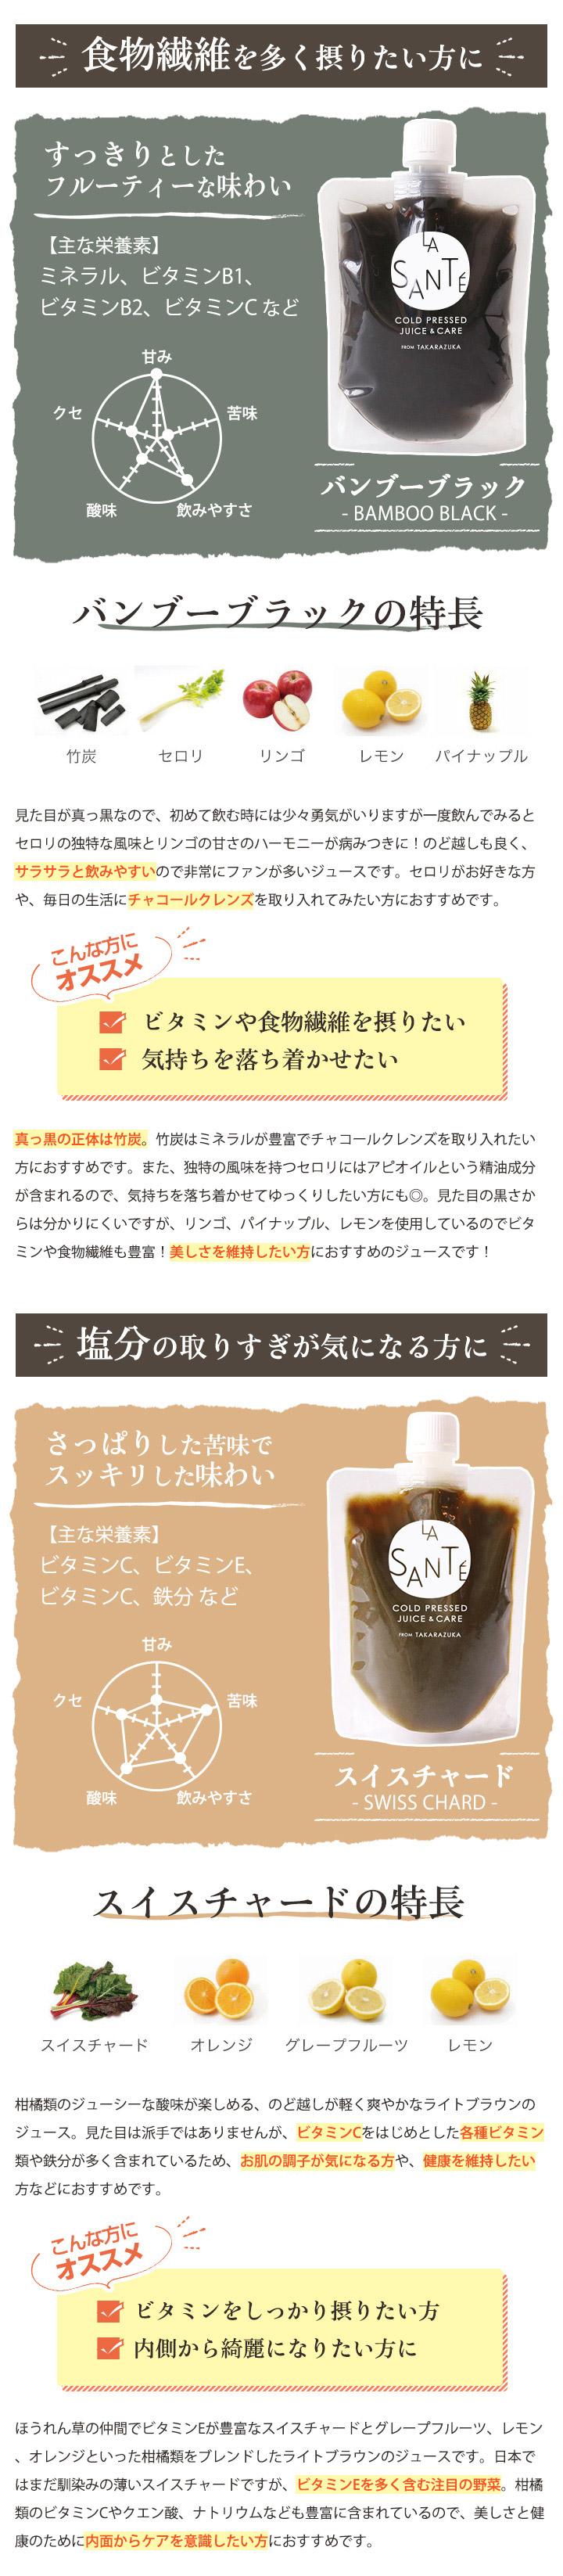 宝塚ラサンテ コールドプレスジュース バンブーブラック スイスチャード